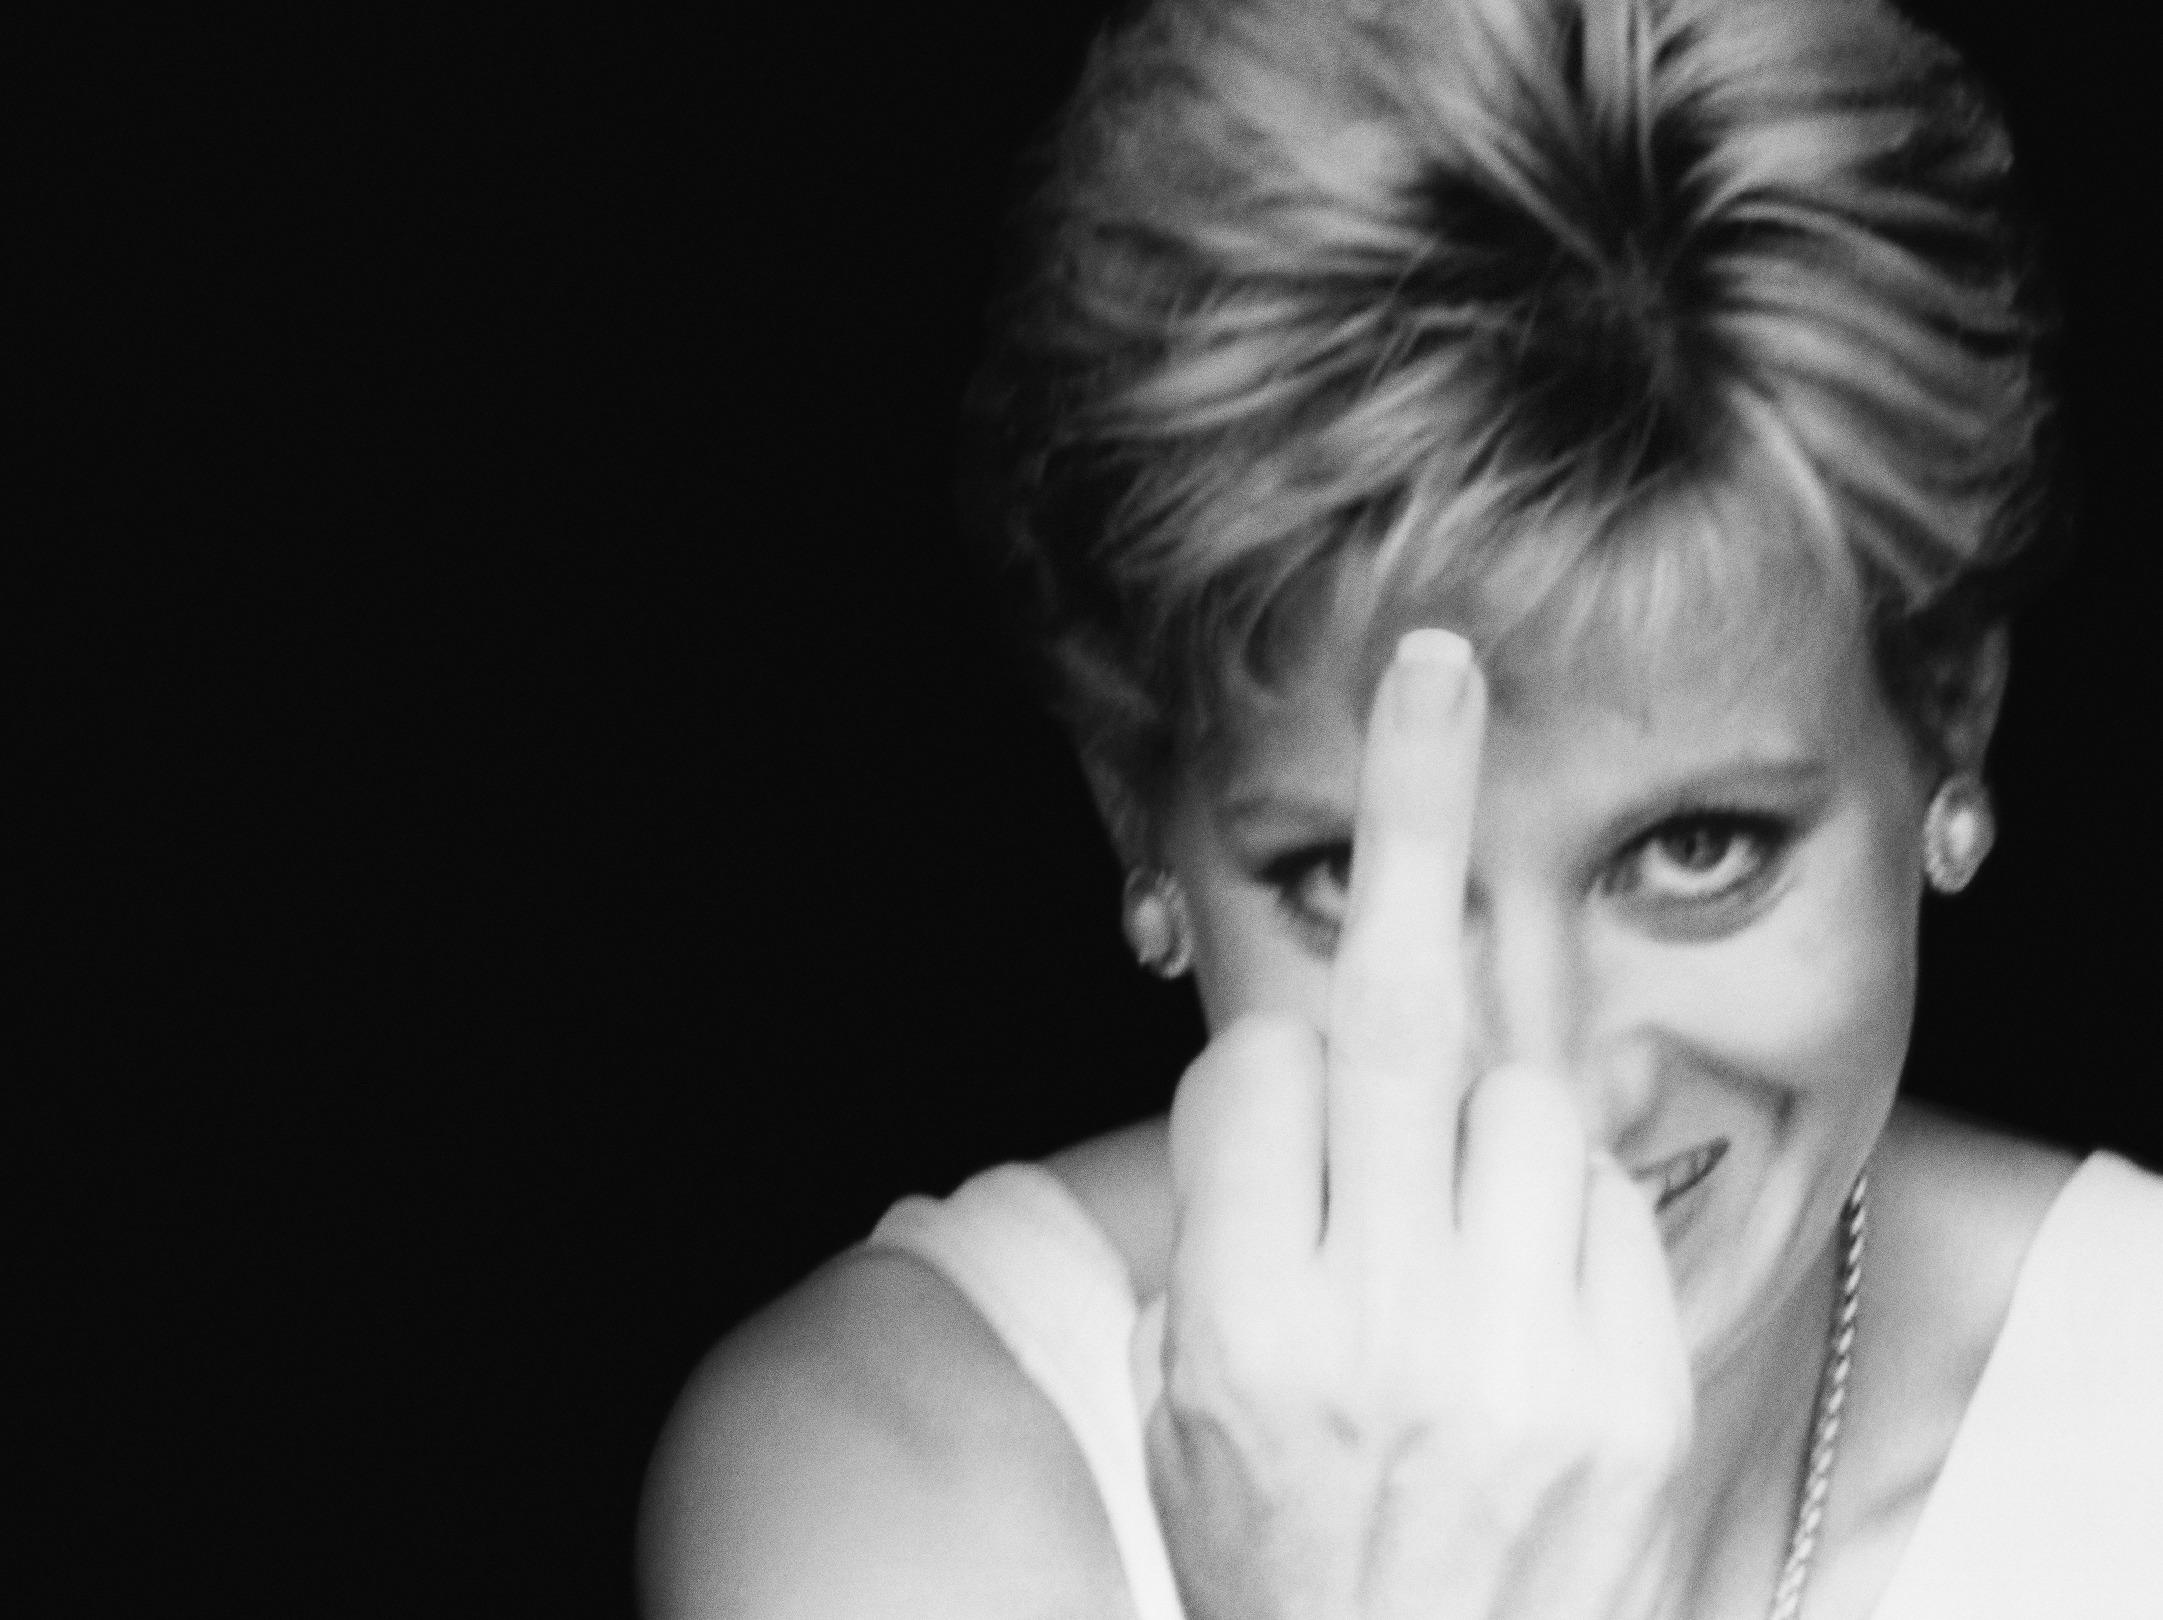 Diana Finger Up